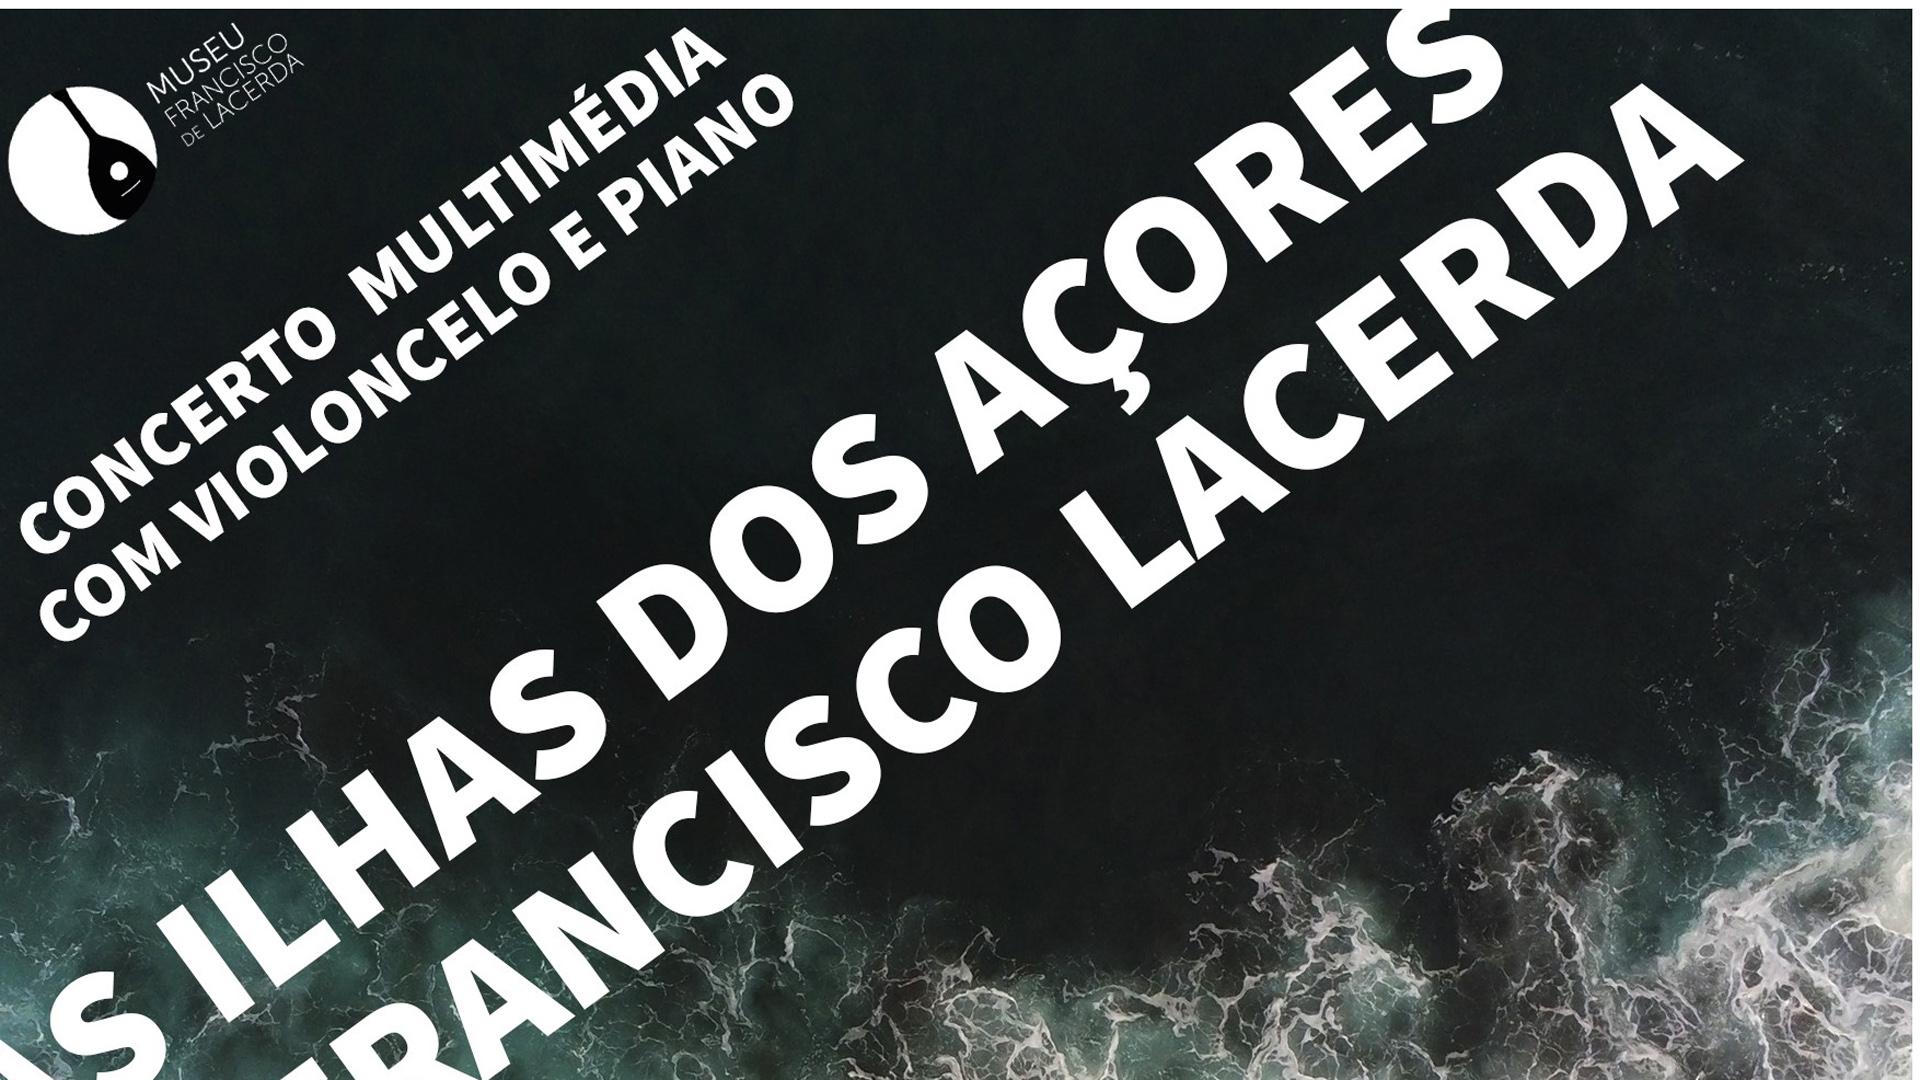 Concerto multimédia com violoncelo e piano em São Jorge